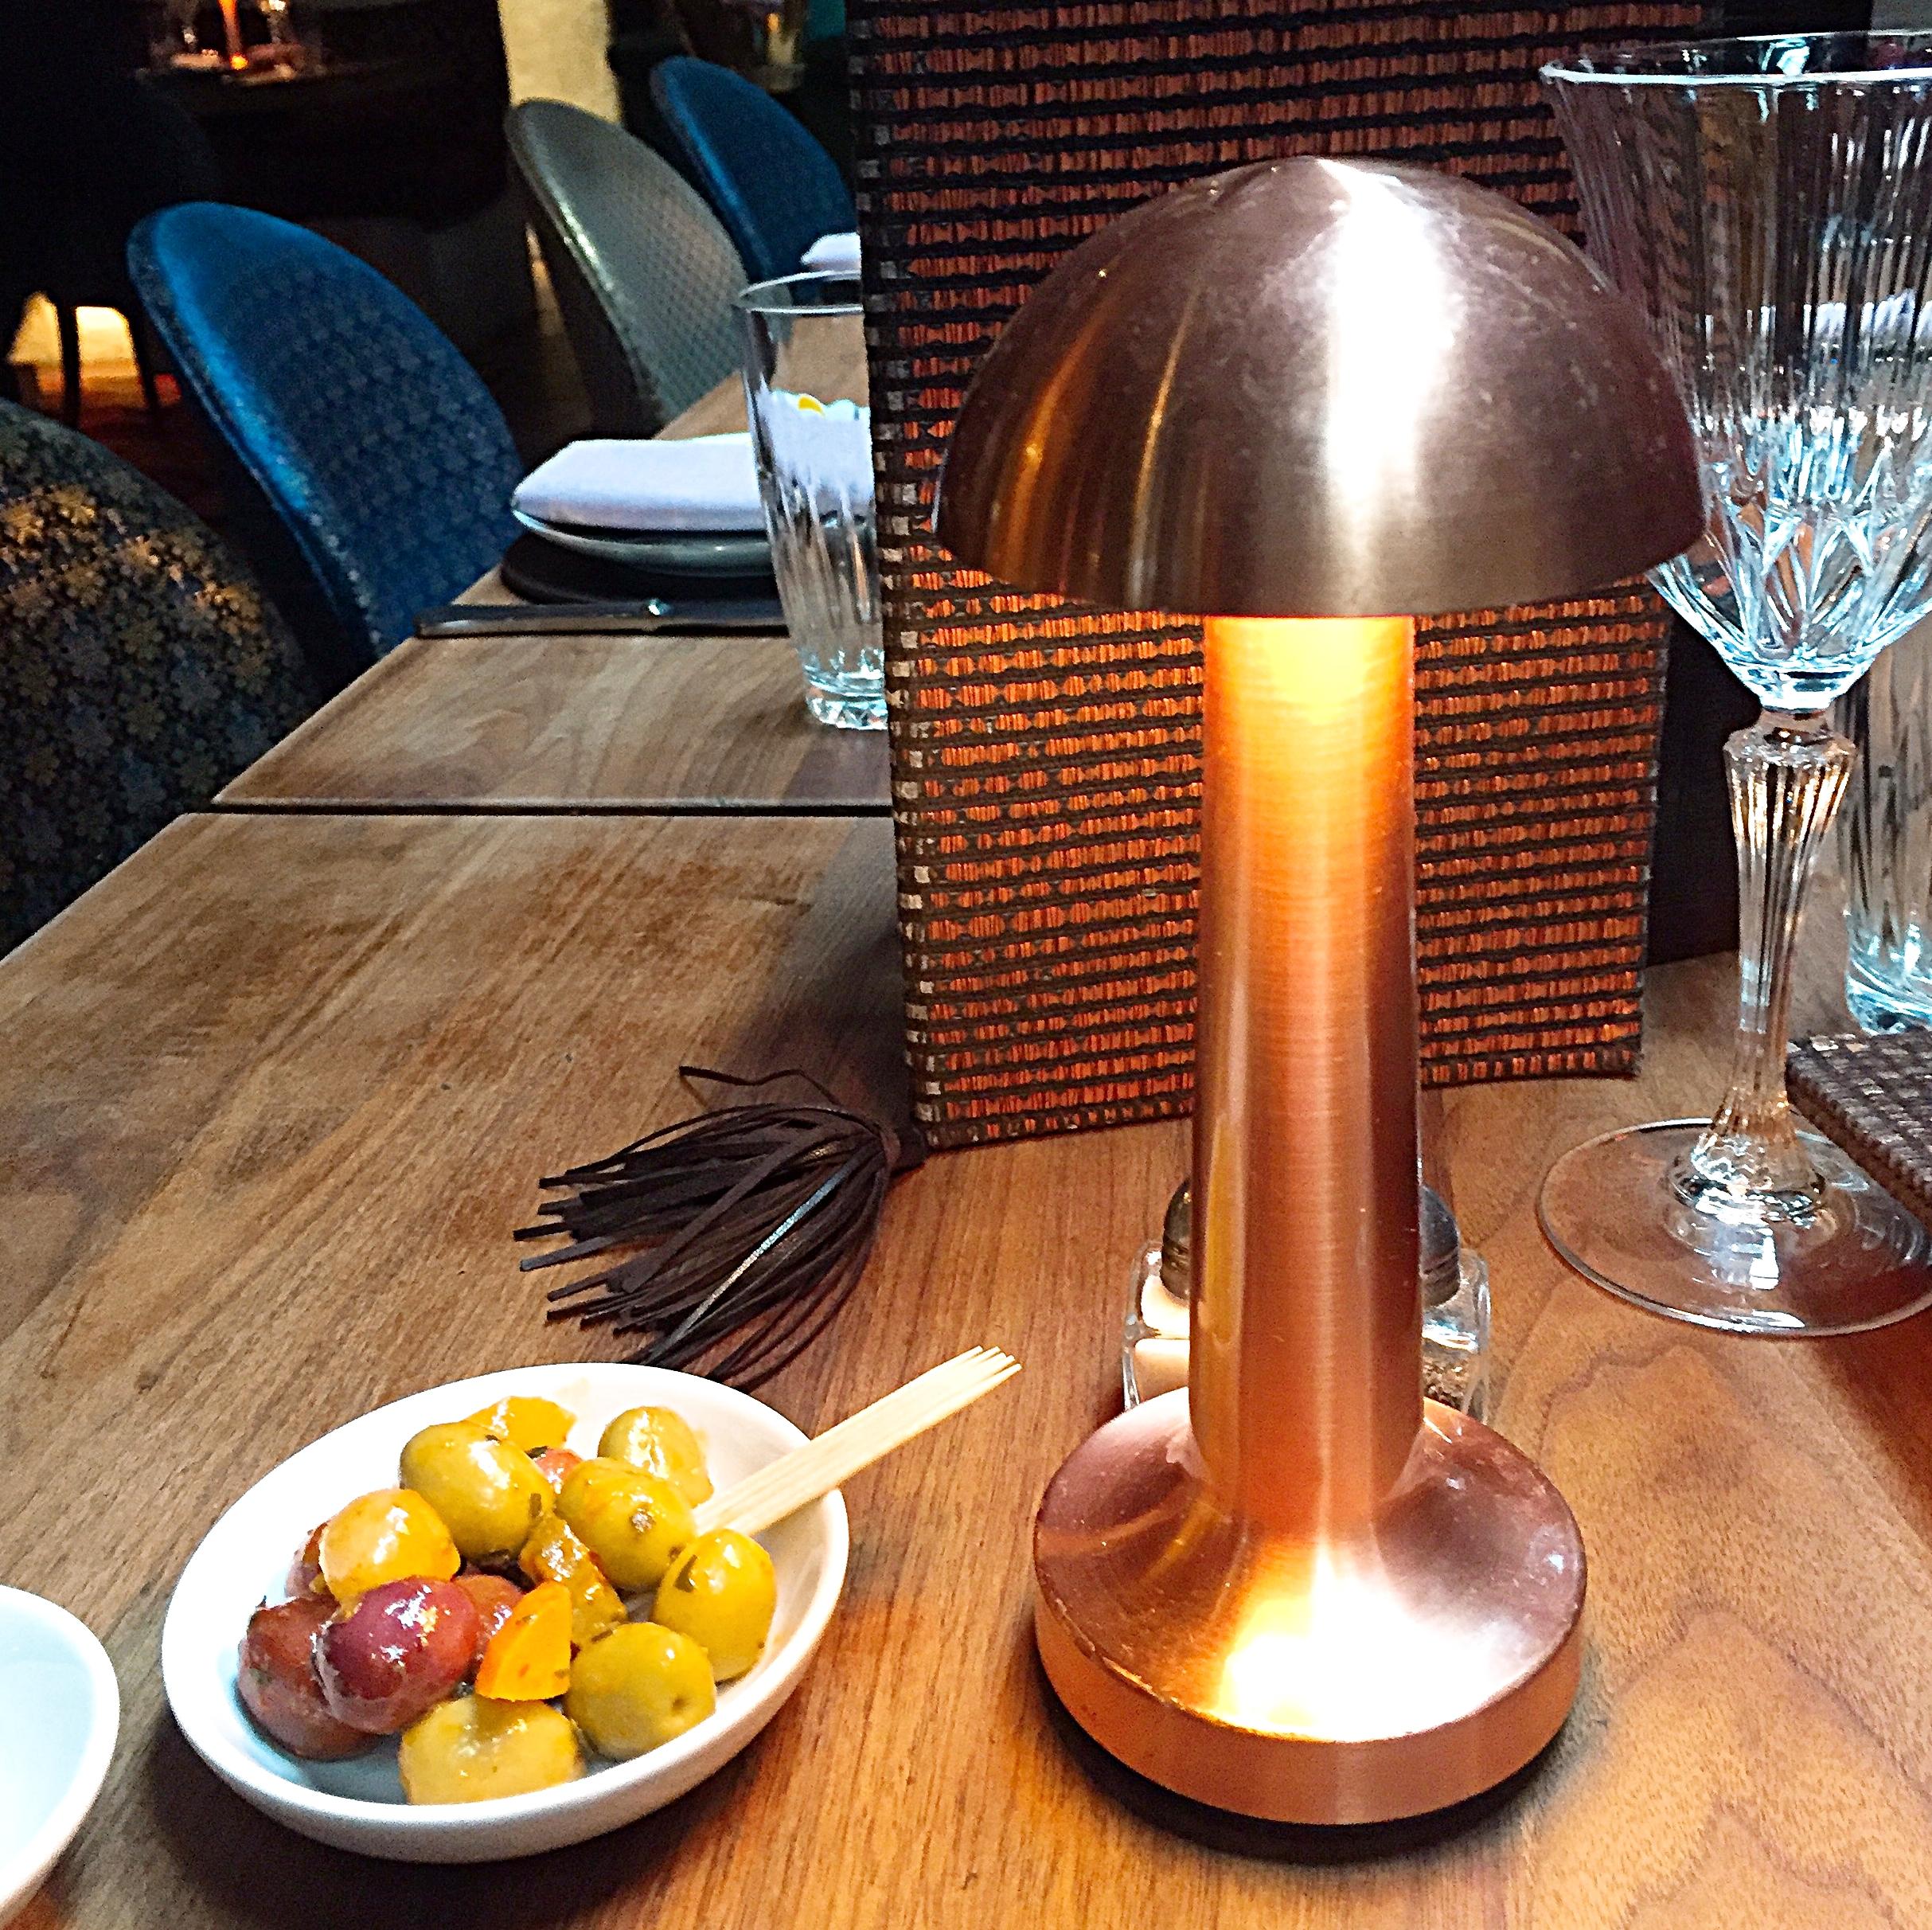 Olives - Momo restaurant review, Mayfair London